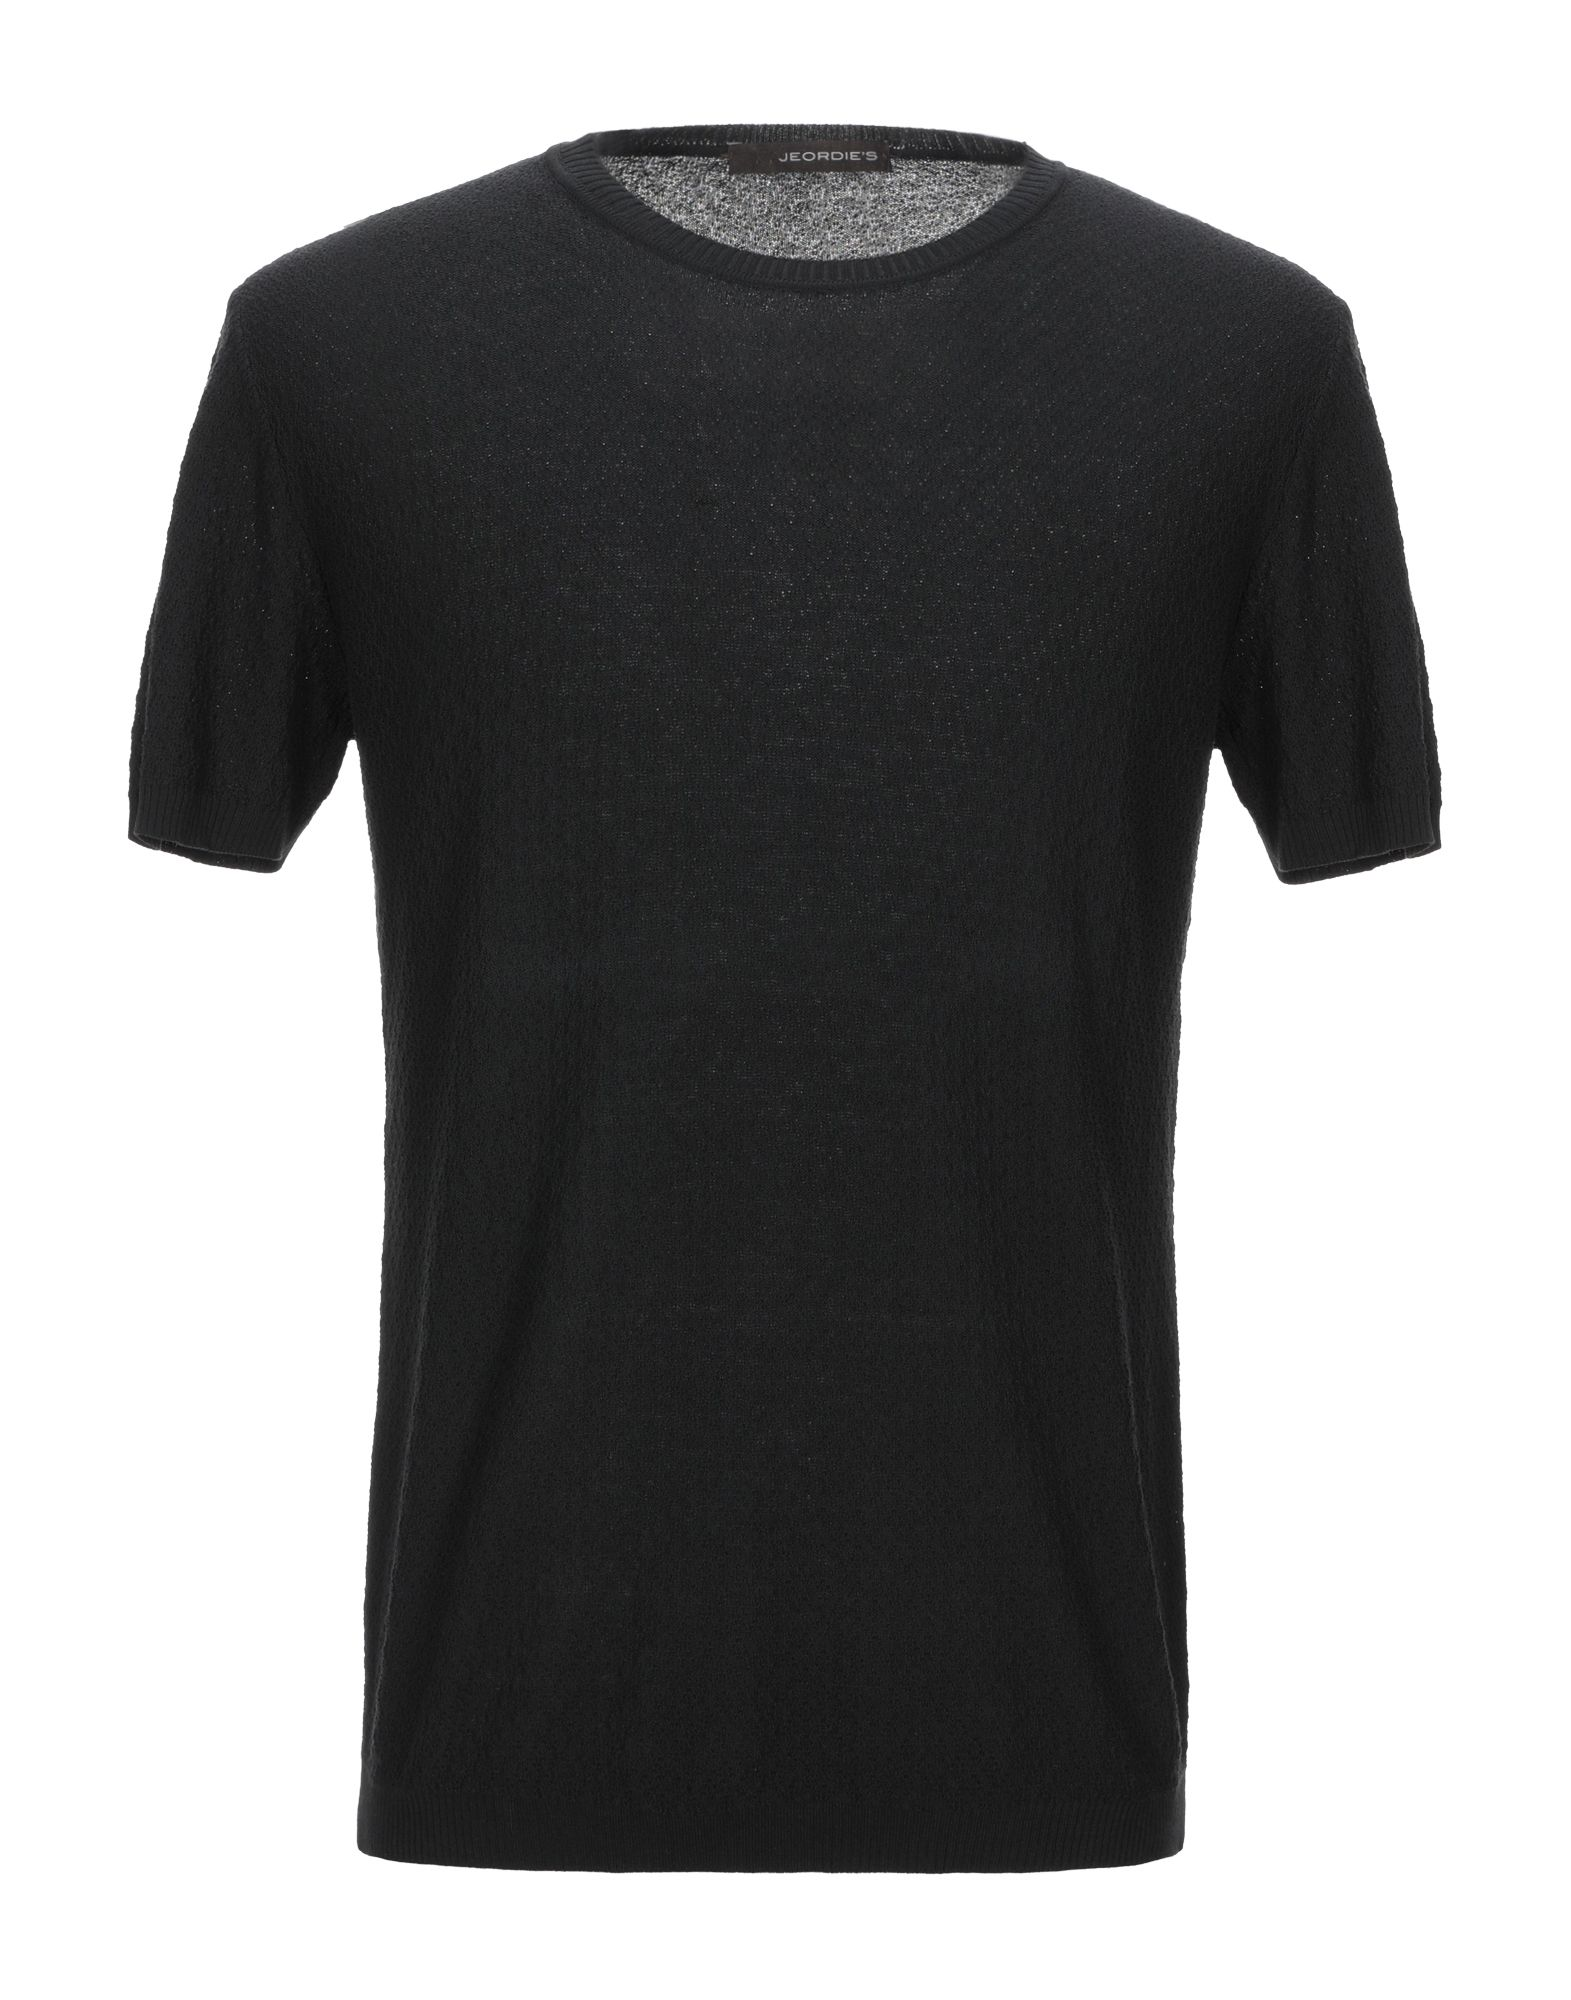 《セール開催中》JEORDIE'S メンズ プルオーバー スチールグレー XL コットン 100%